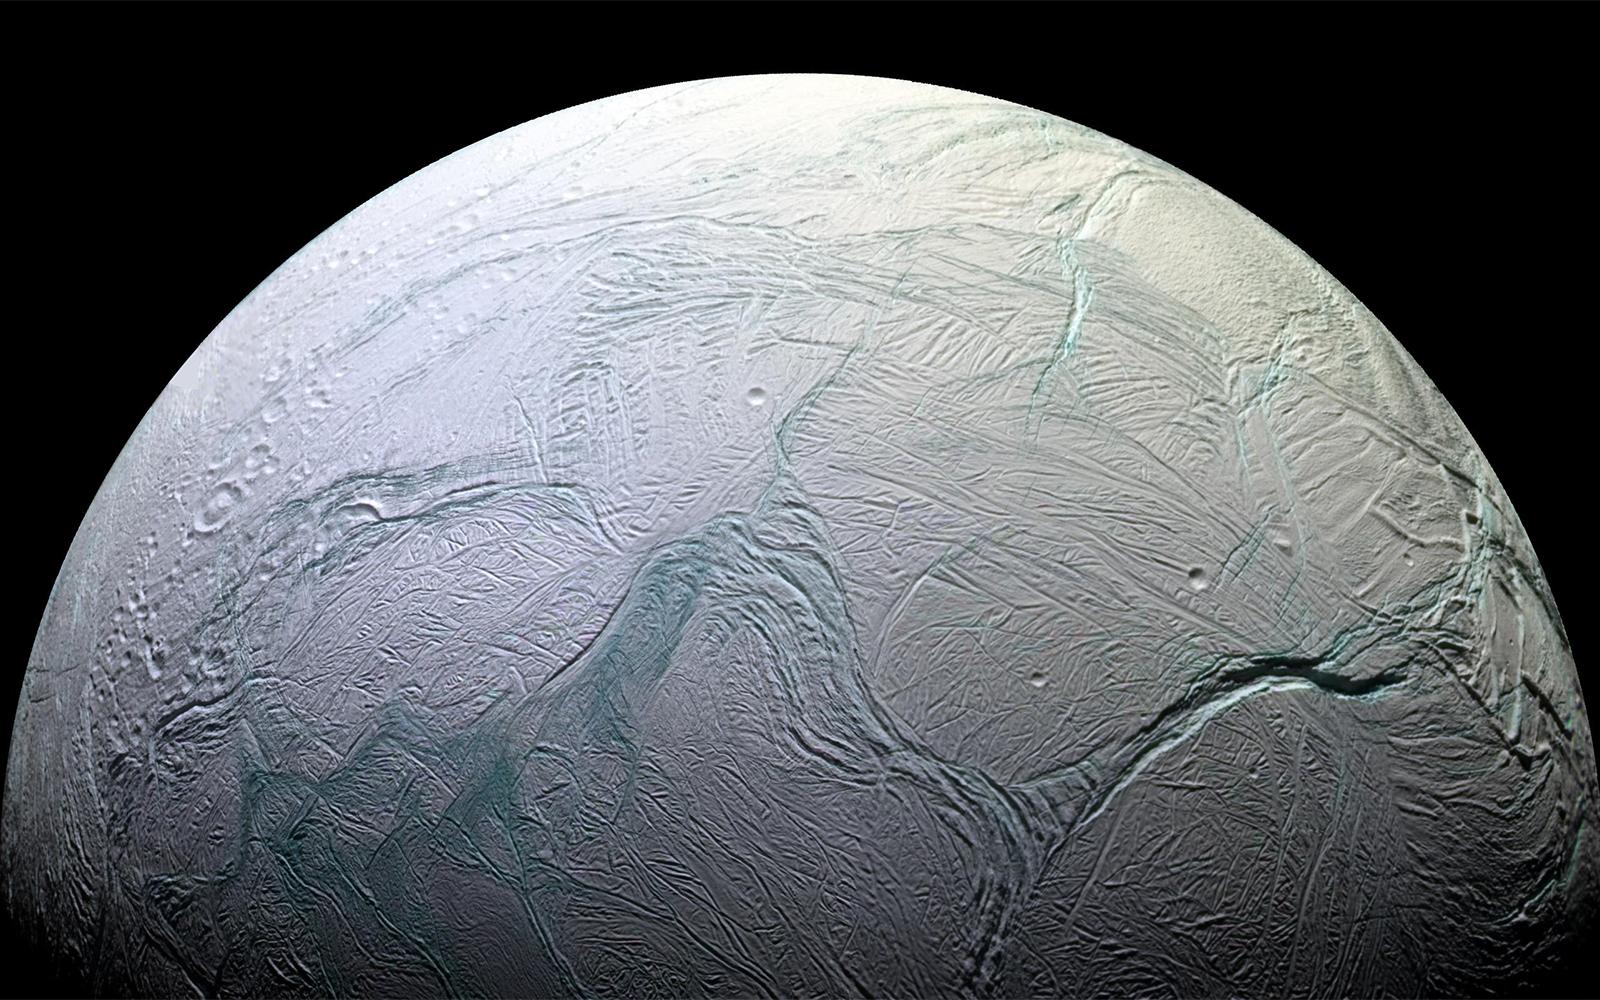 Спутник Юпитера Энцелад— ледяная планета, похожая наХот из «Звёздных войн».